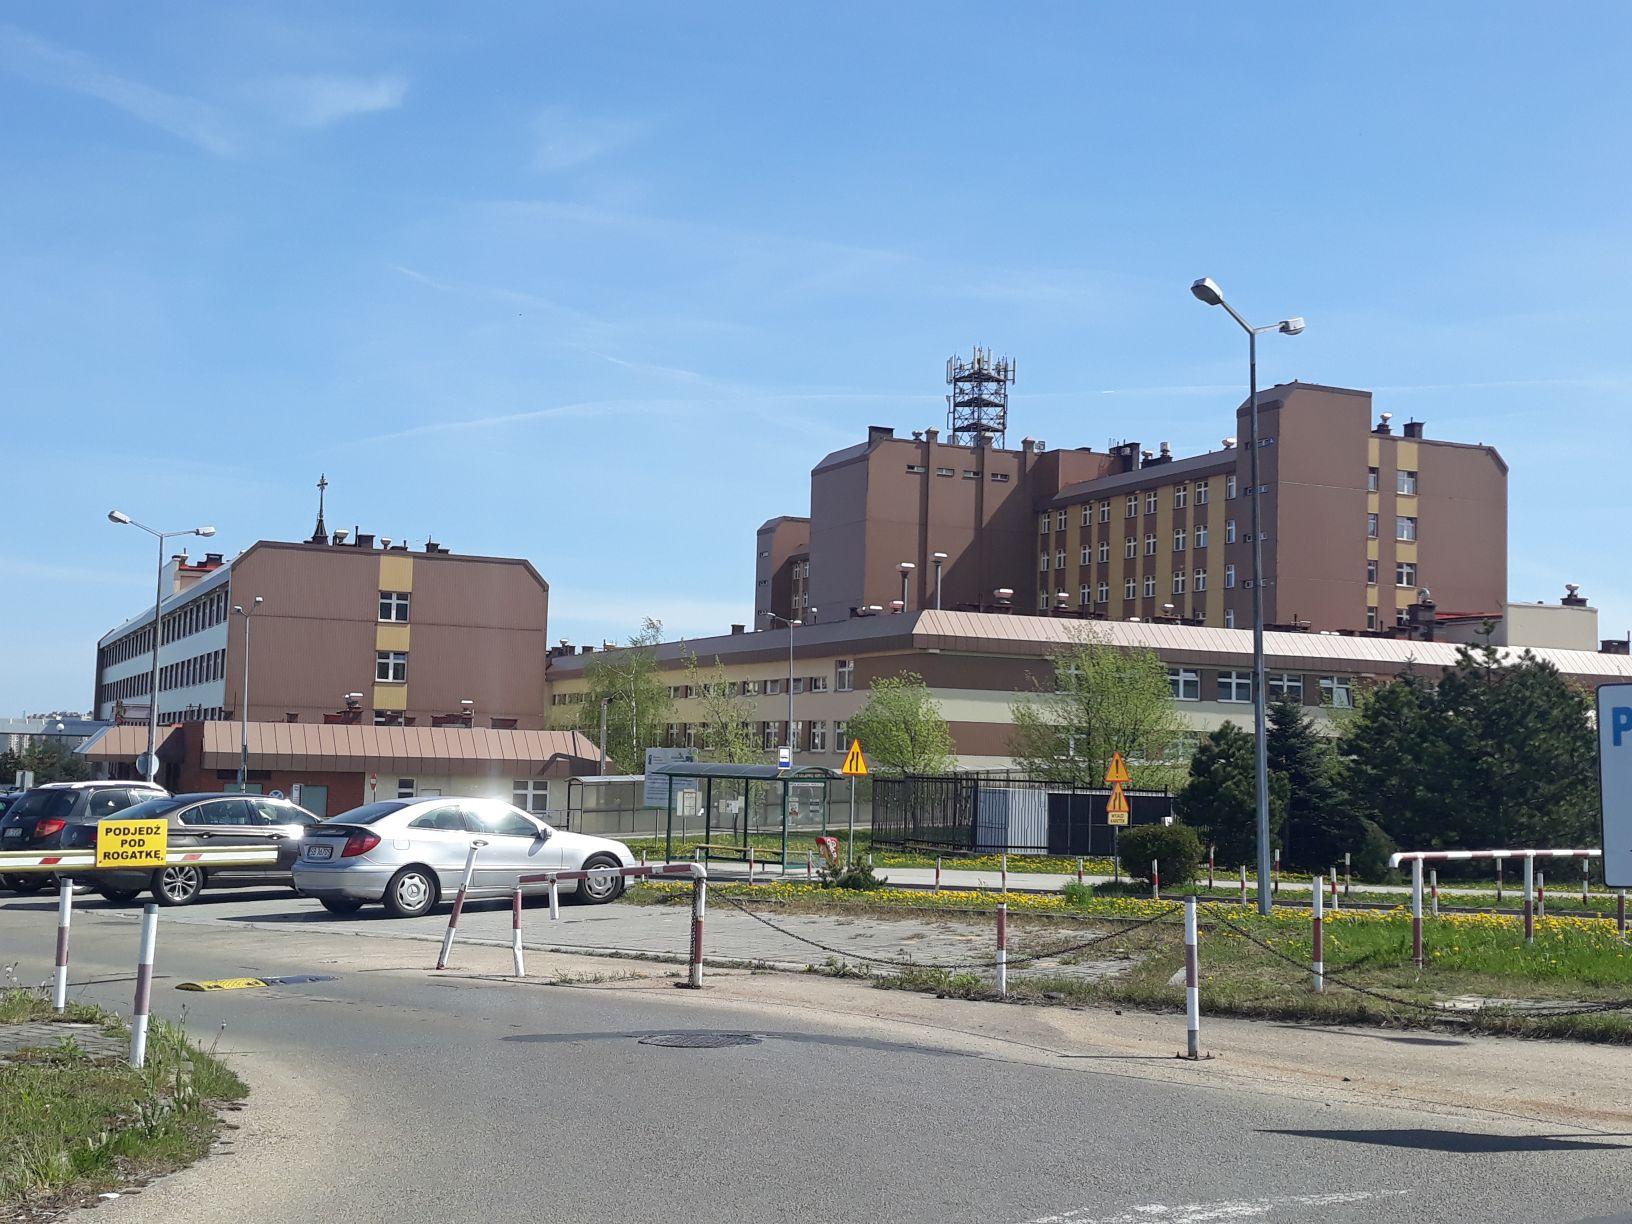 Prawie pół tysiąca dzieci przyszło na świat w bielskim szpitalu od początku pandemii